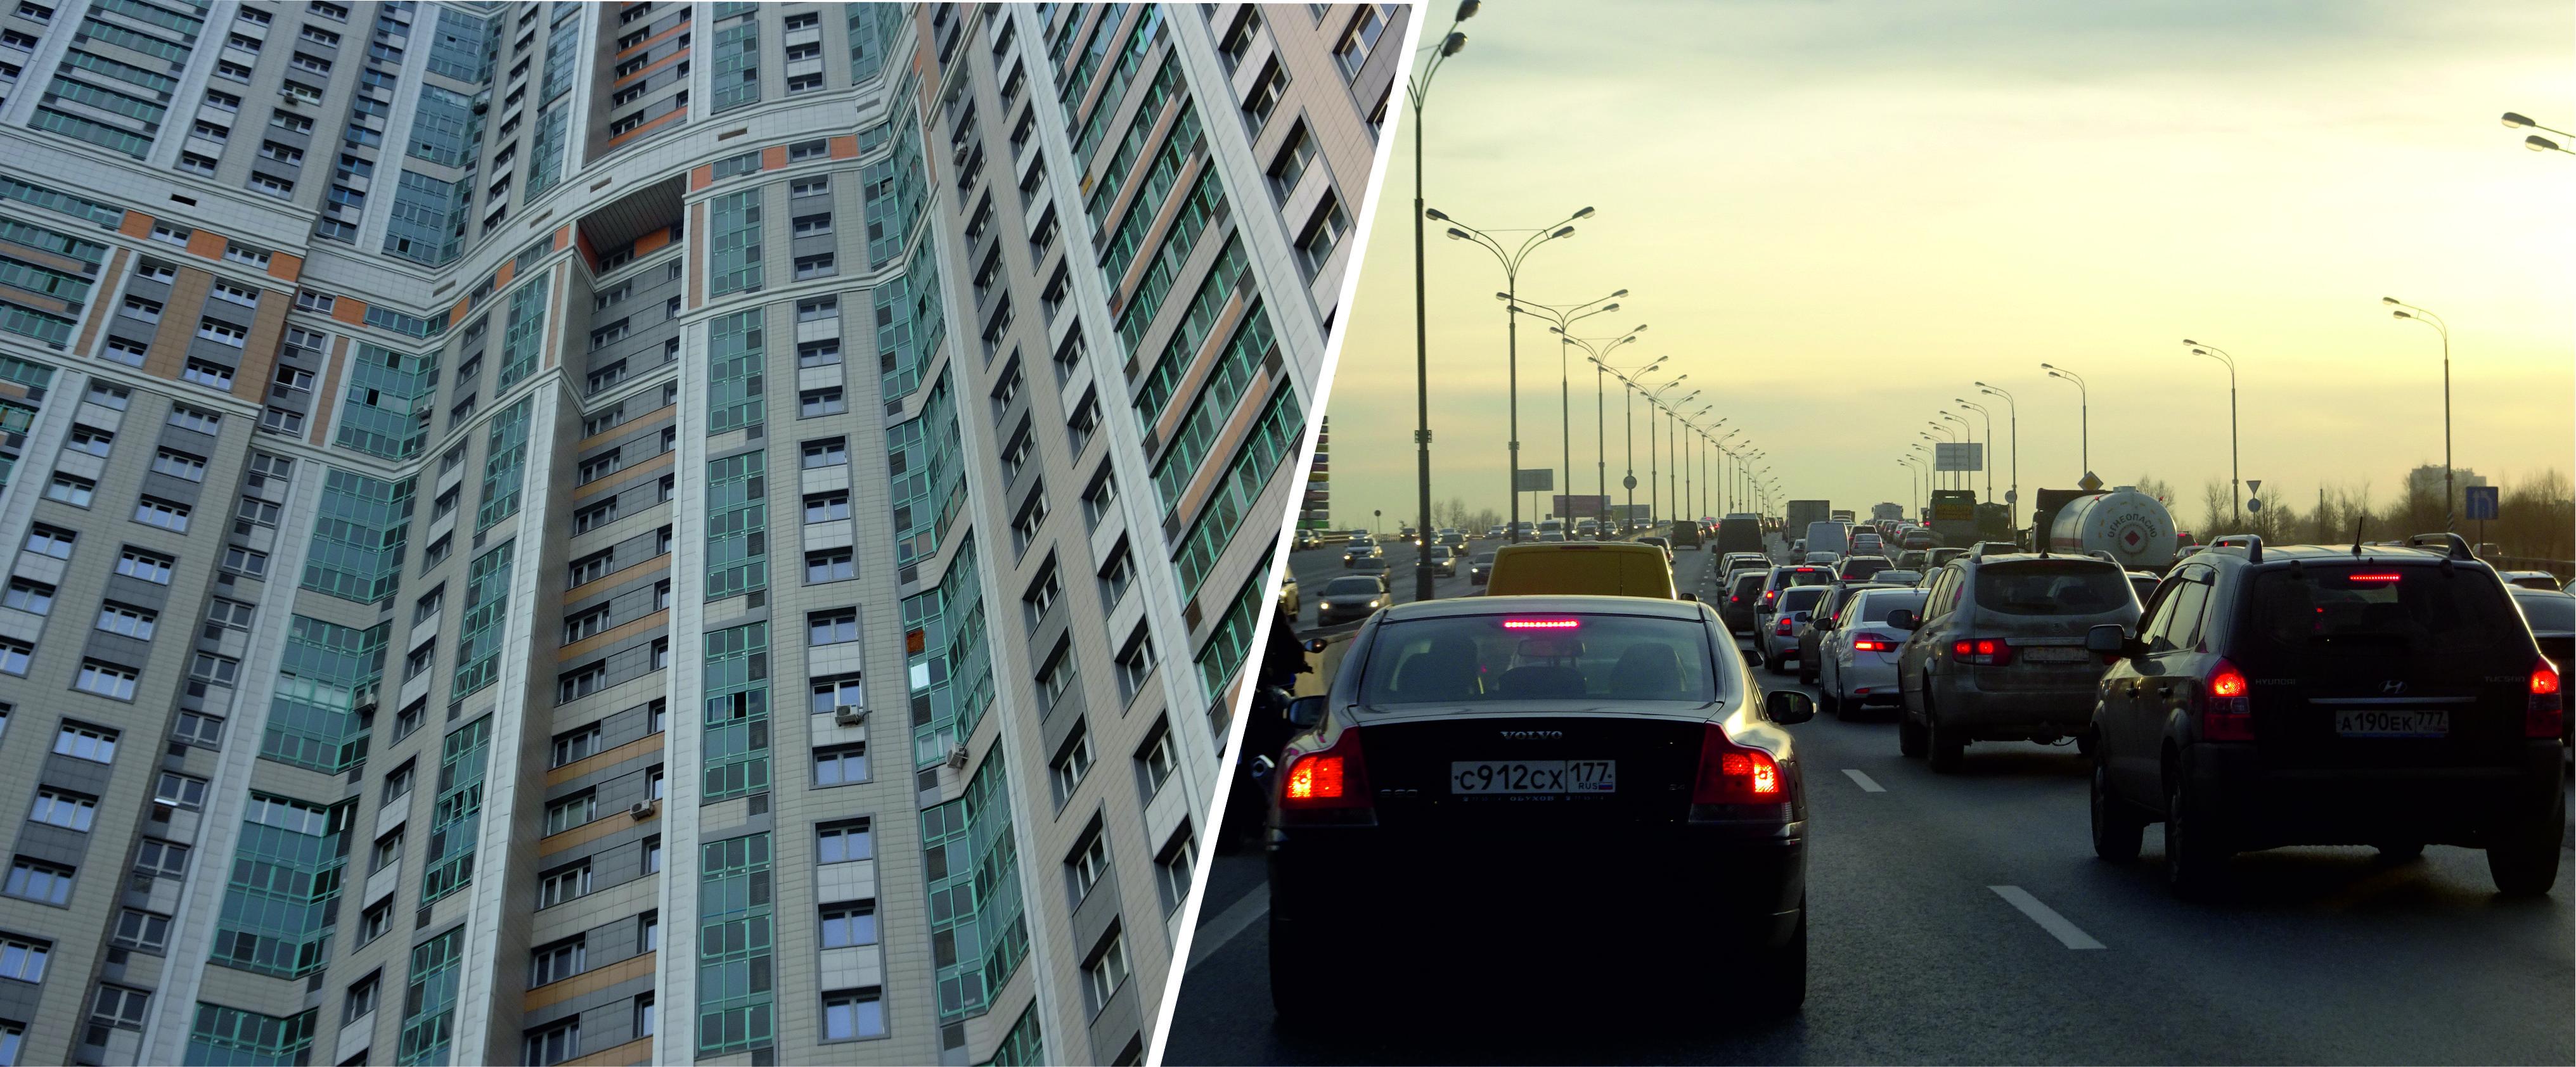 Участников программы реновации жилфонда в Москве планируют освободить от налогов и сборов 84